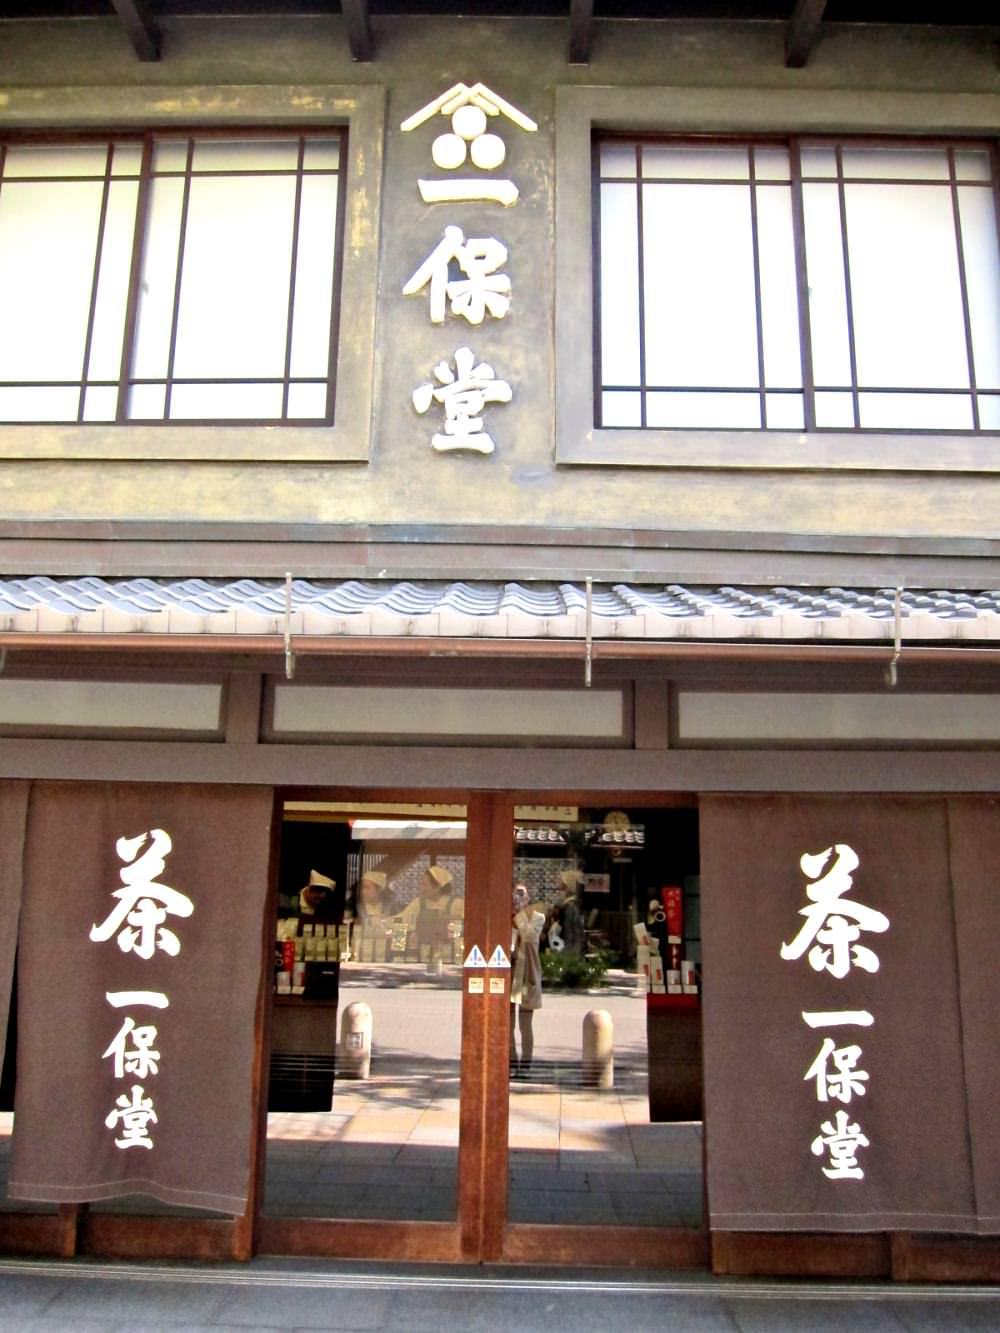 【京都美食】一保堂茶鋪 本店 買茶又喝茶 濃厚抹茶非常香推薦!